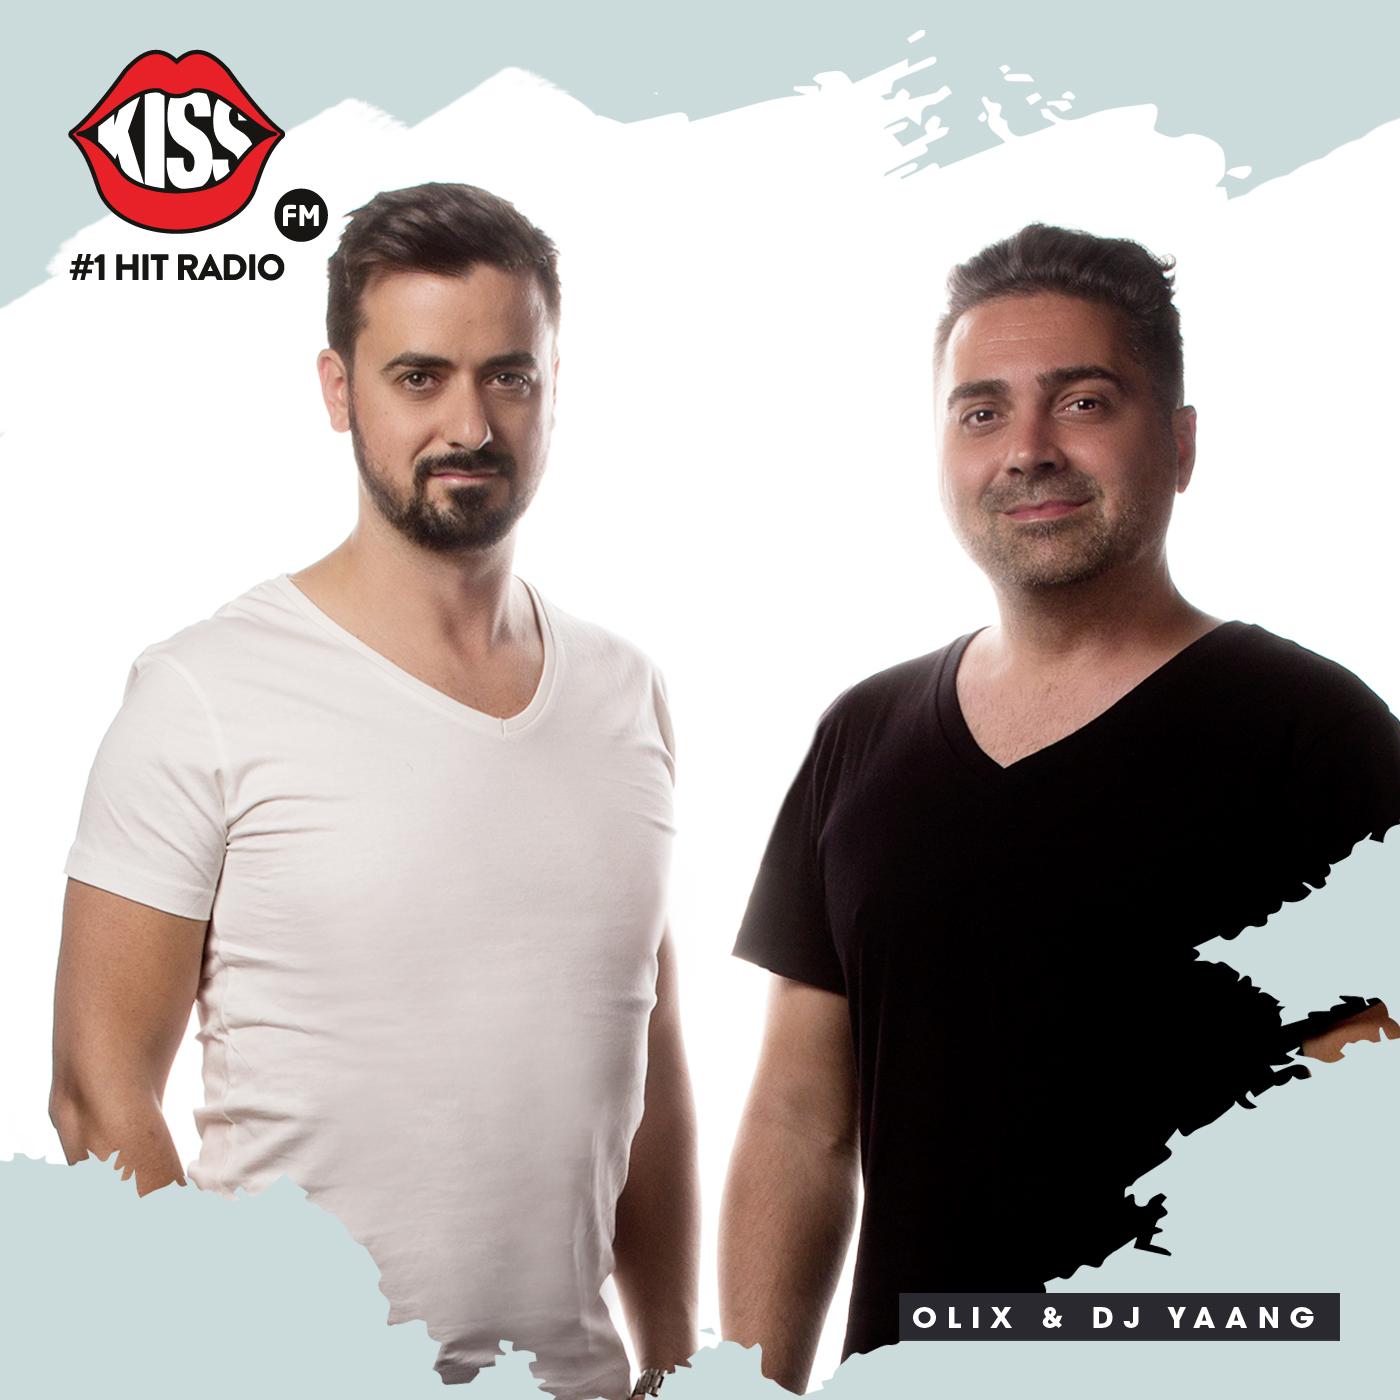 radio kiss fm live romania